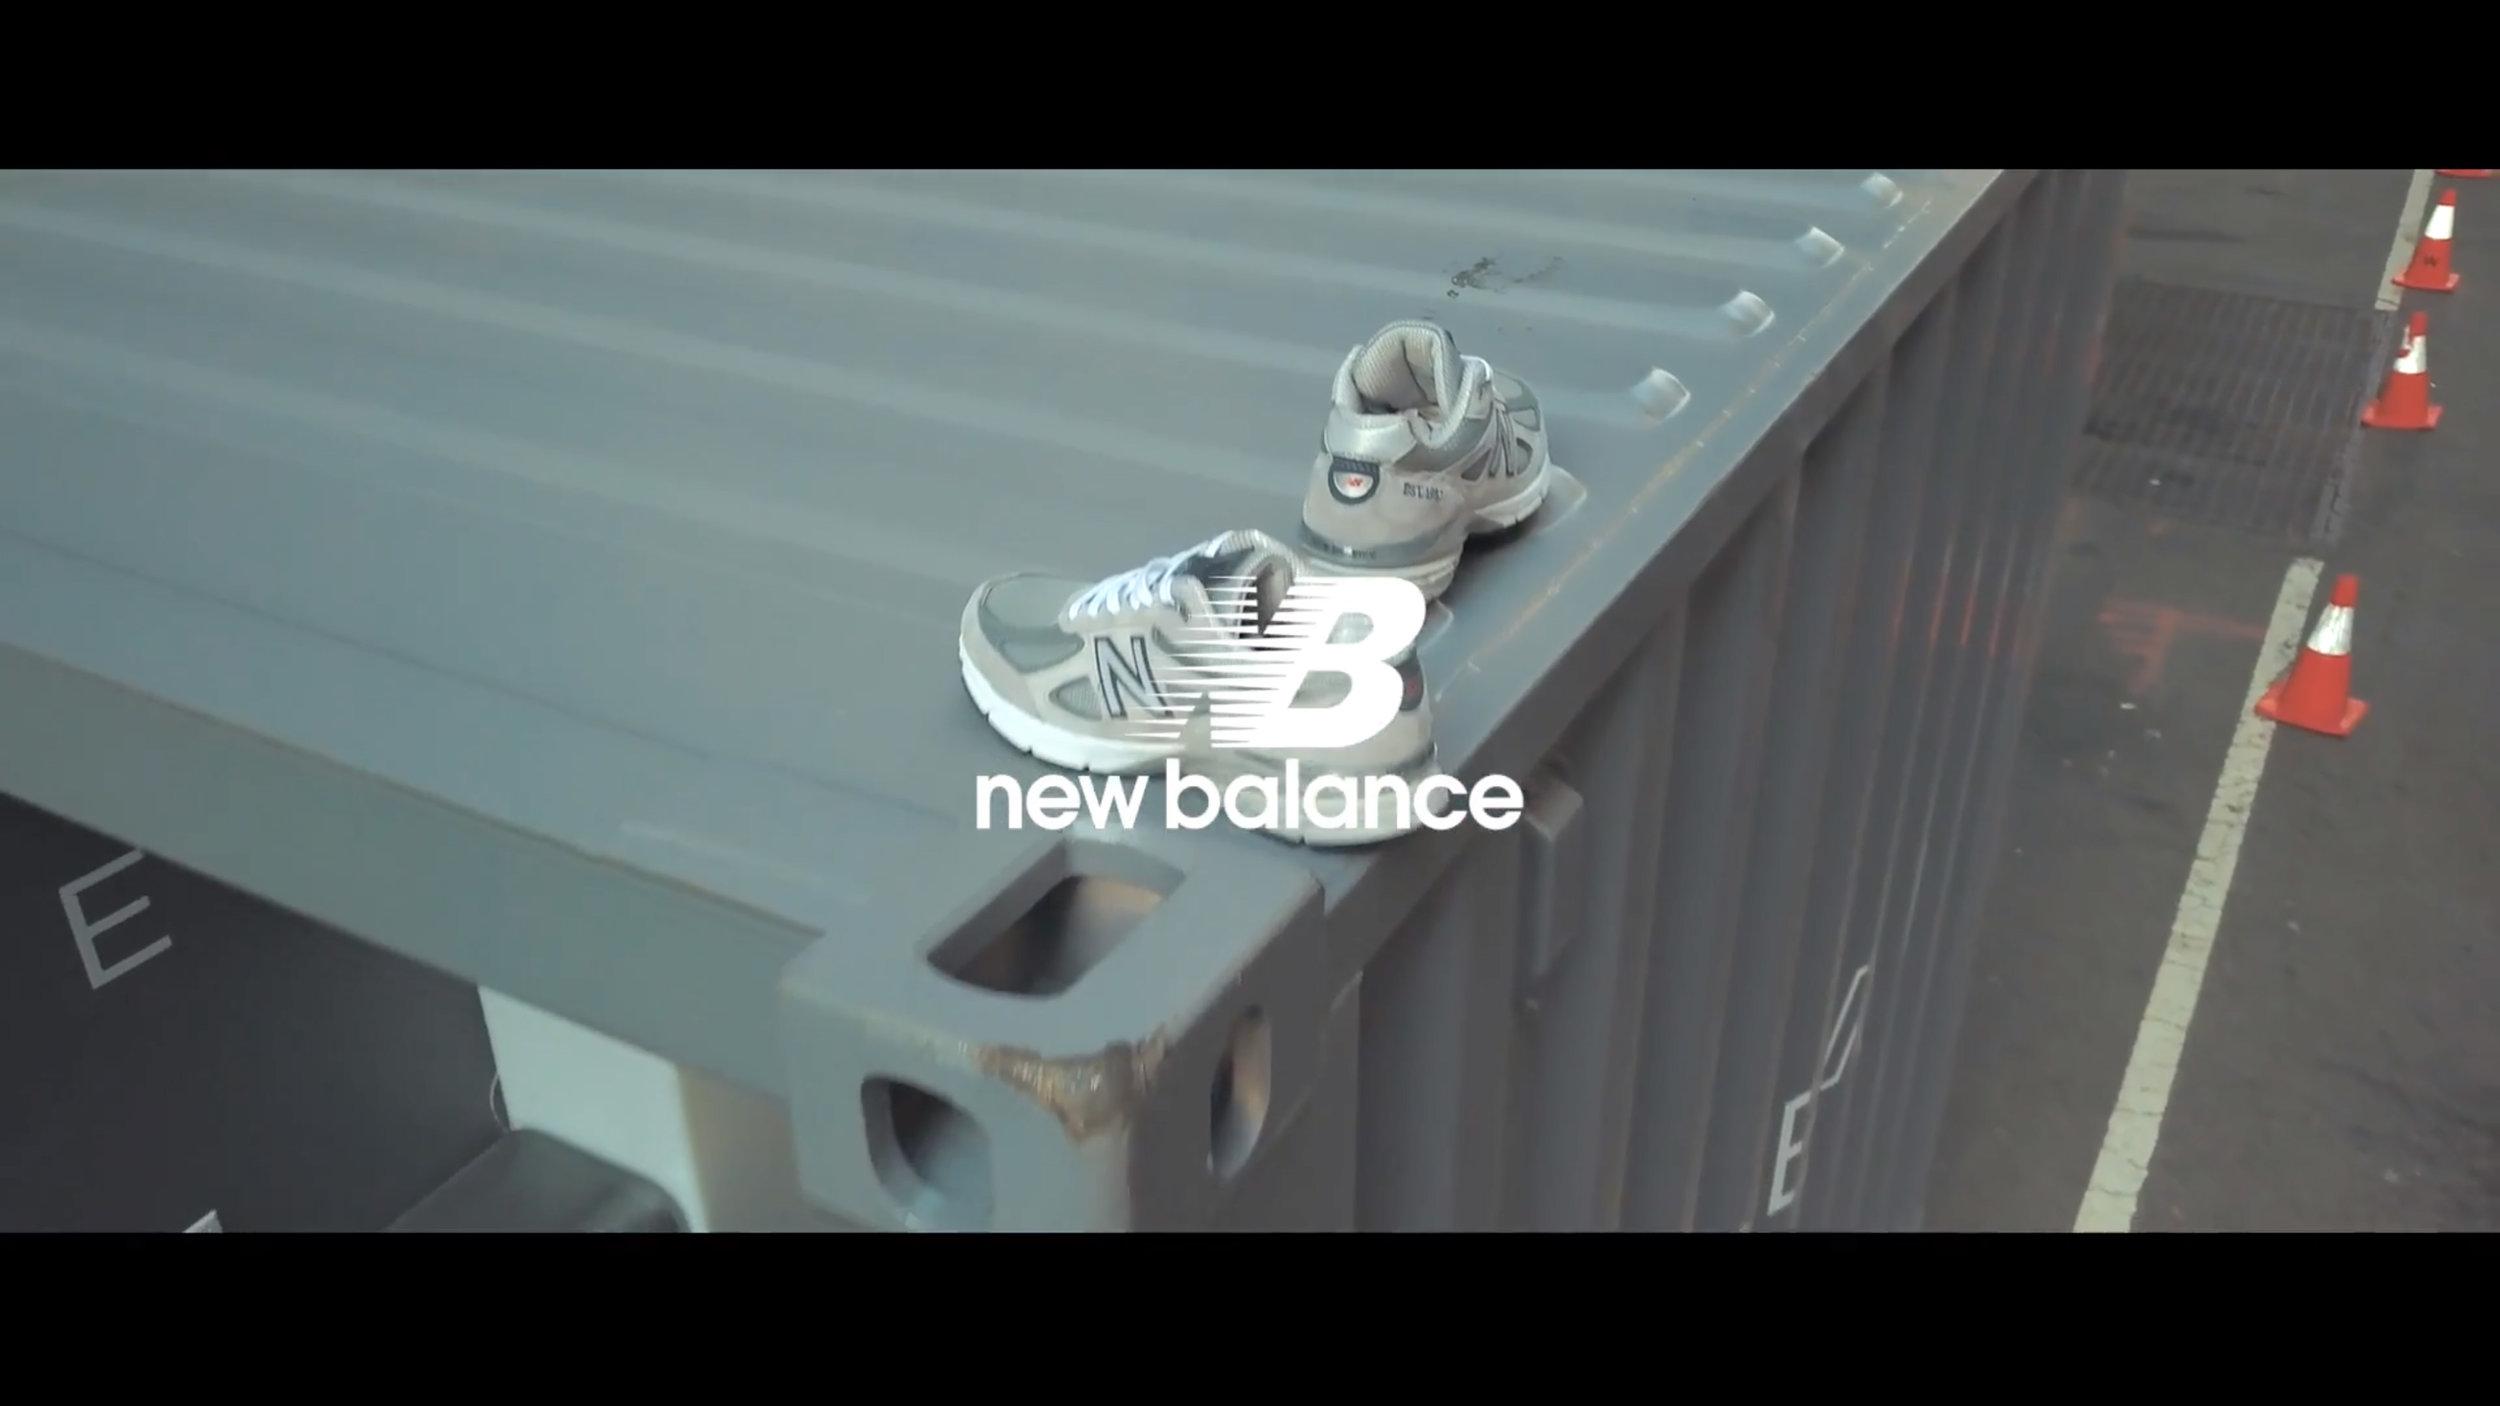 NewBalance01.jpg